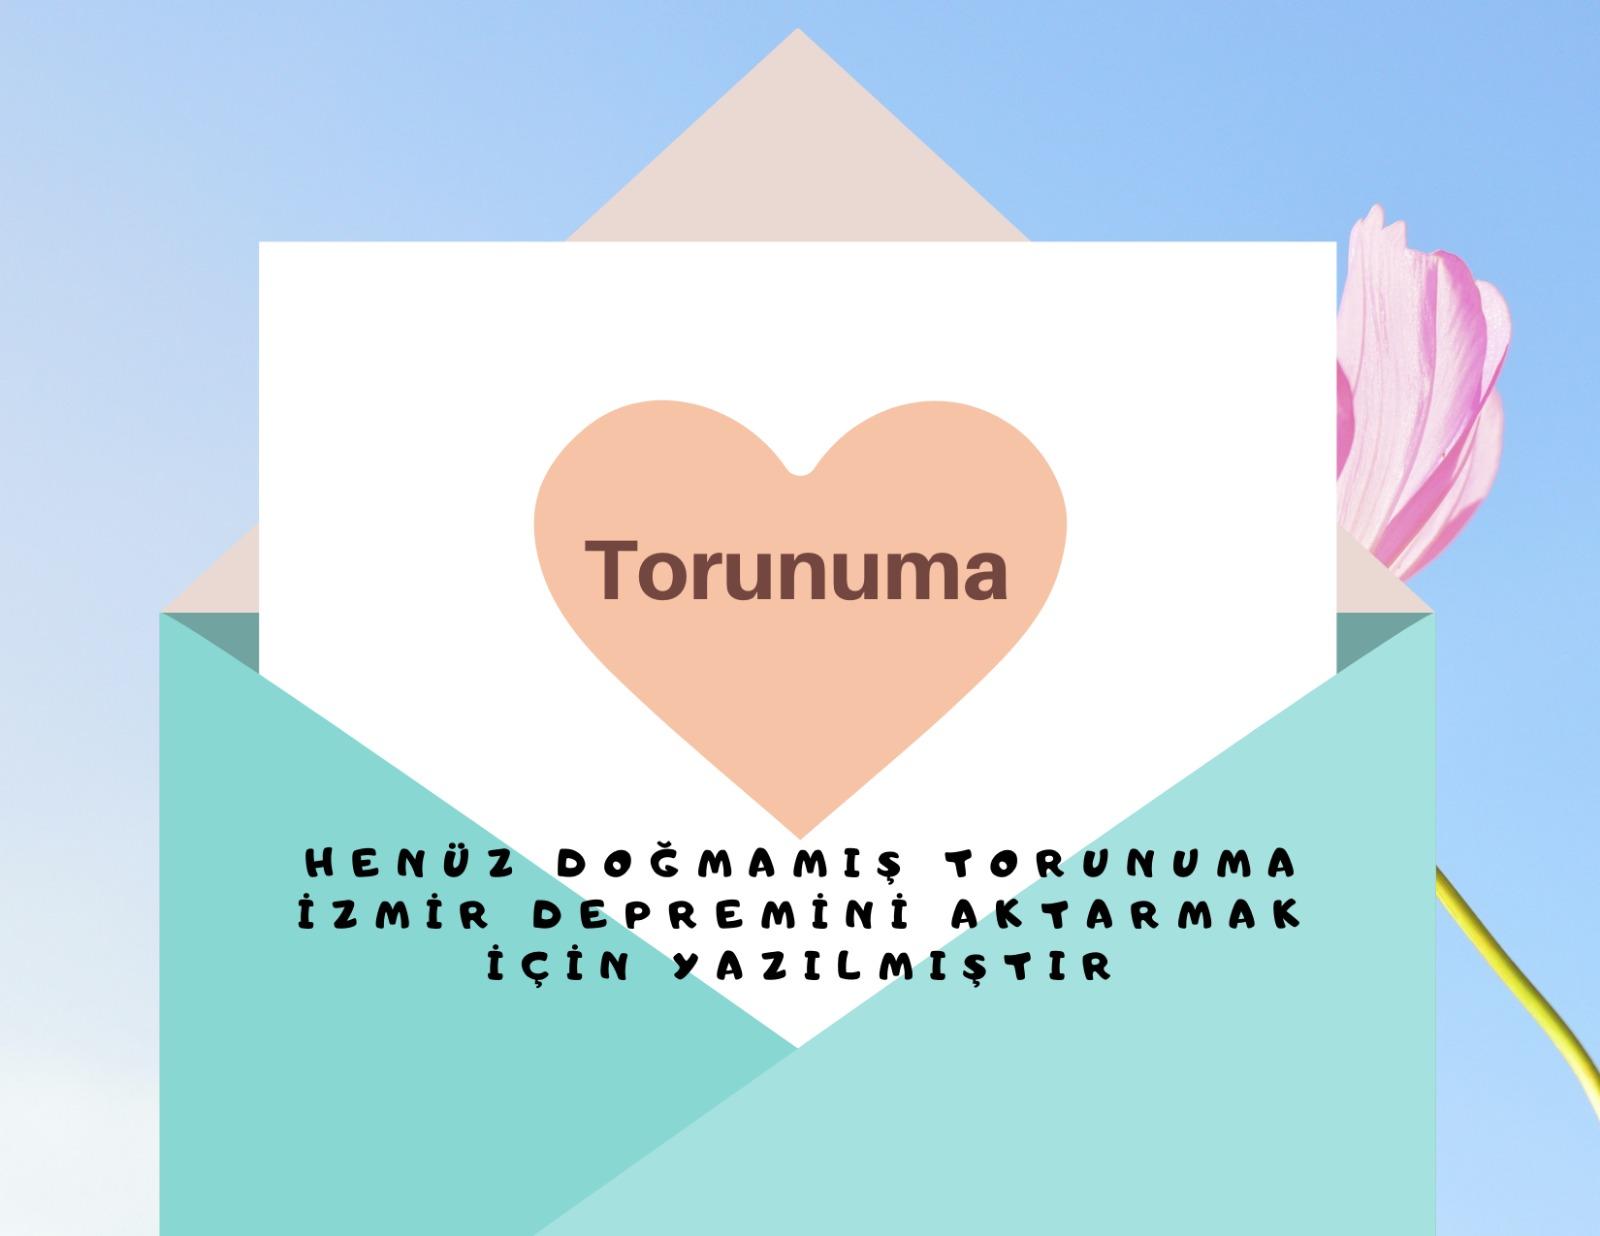 Doğmamış Torunuma Mektup